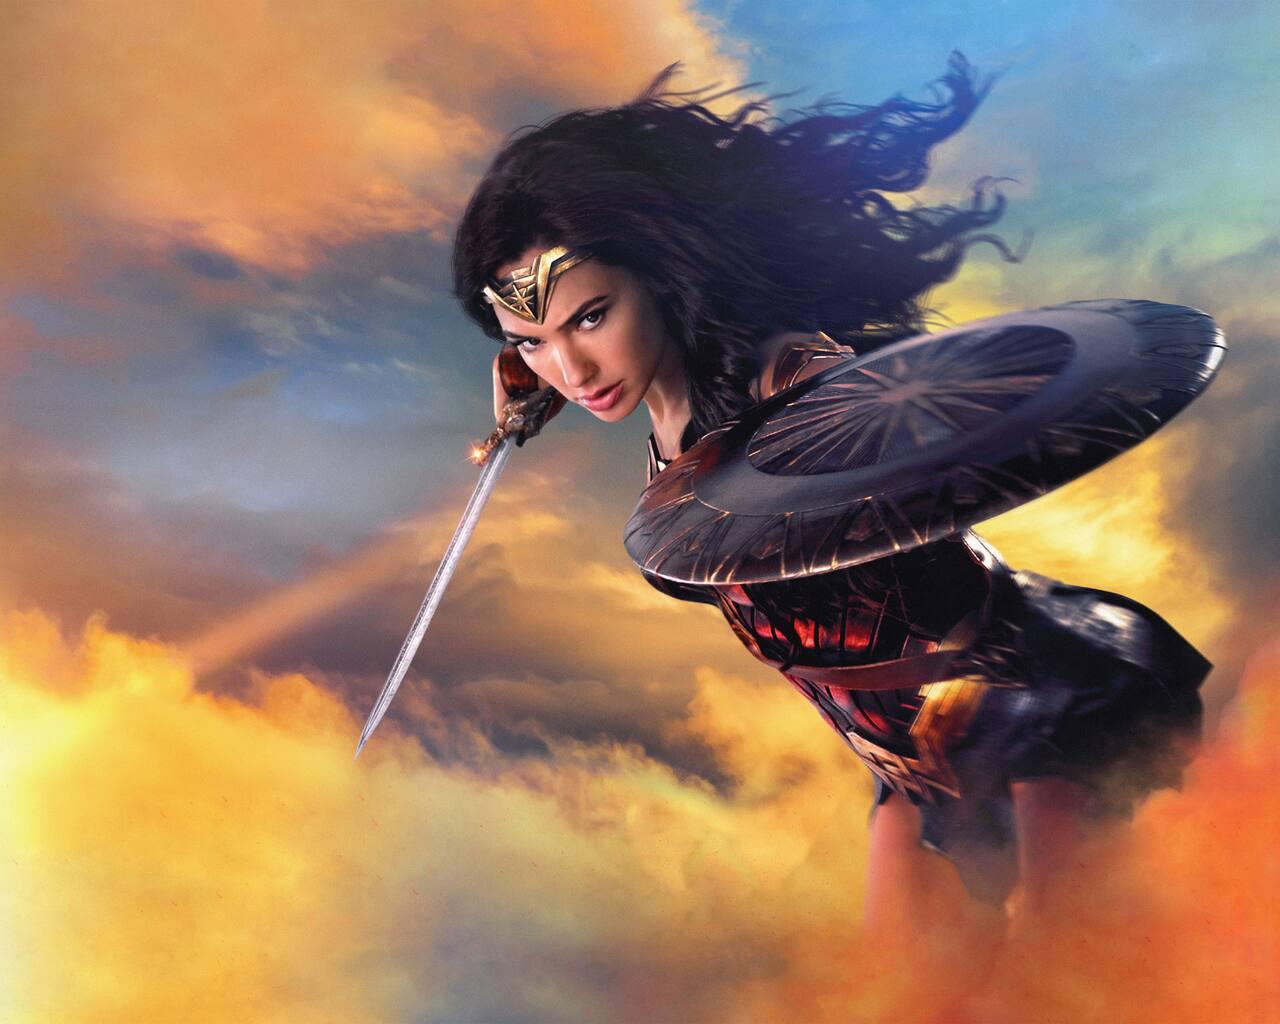 Wallpaper Wonder Woman 4k Movies 11307: 1280x1024 2017 Wonder Woman 8k 1280x1024 Resolution HD 4k